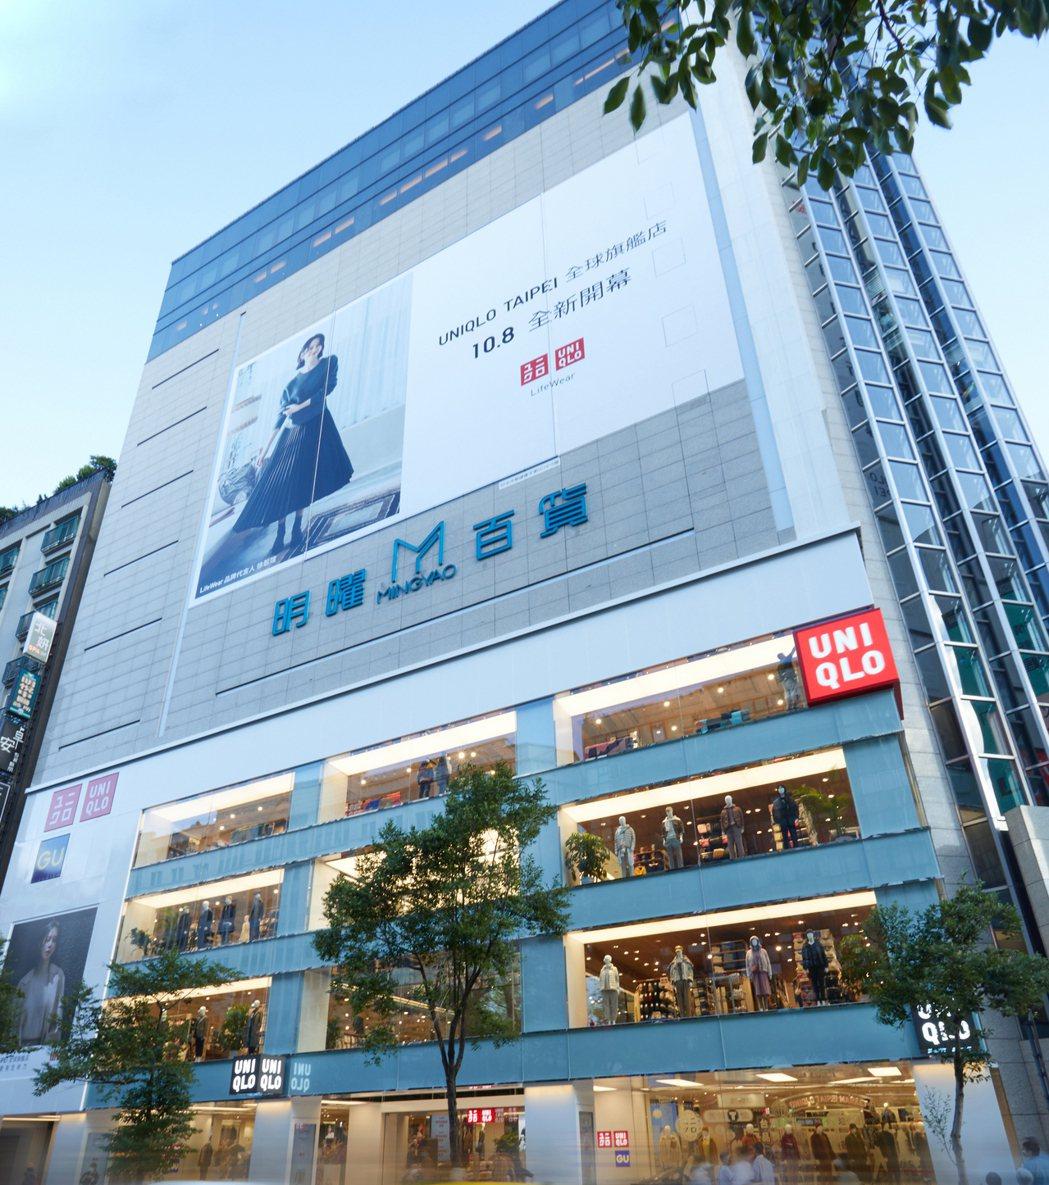 台北明曜百貨的UNIQLO旗艦店,升格為全球旗艦店,並更名為「UNIQLO TA...